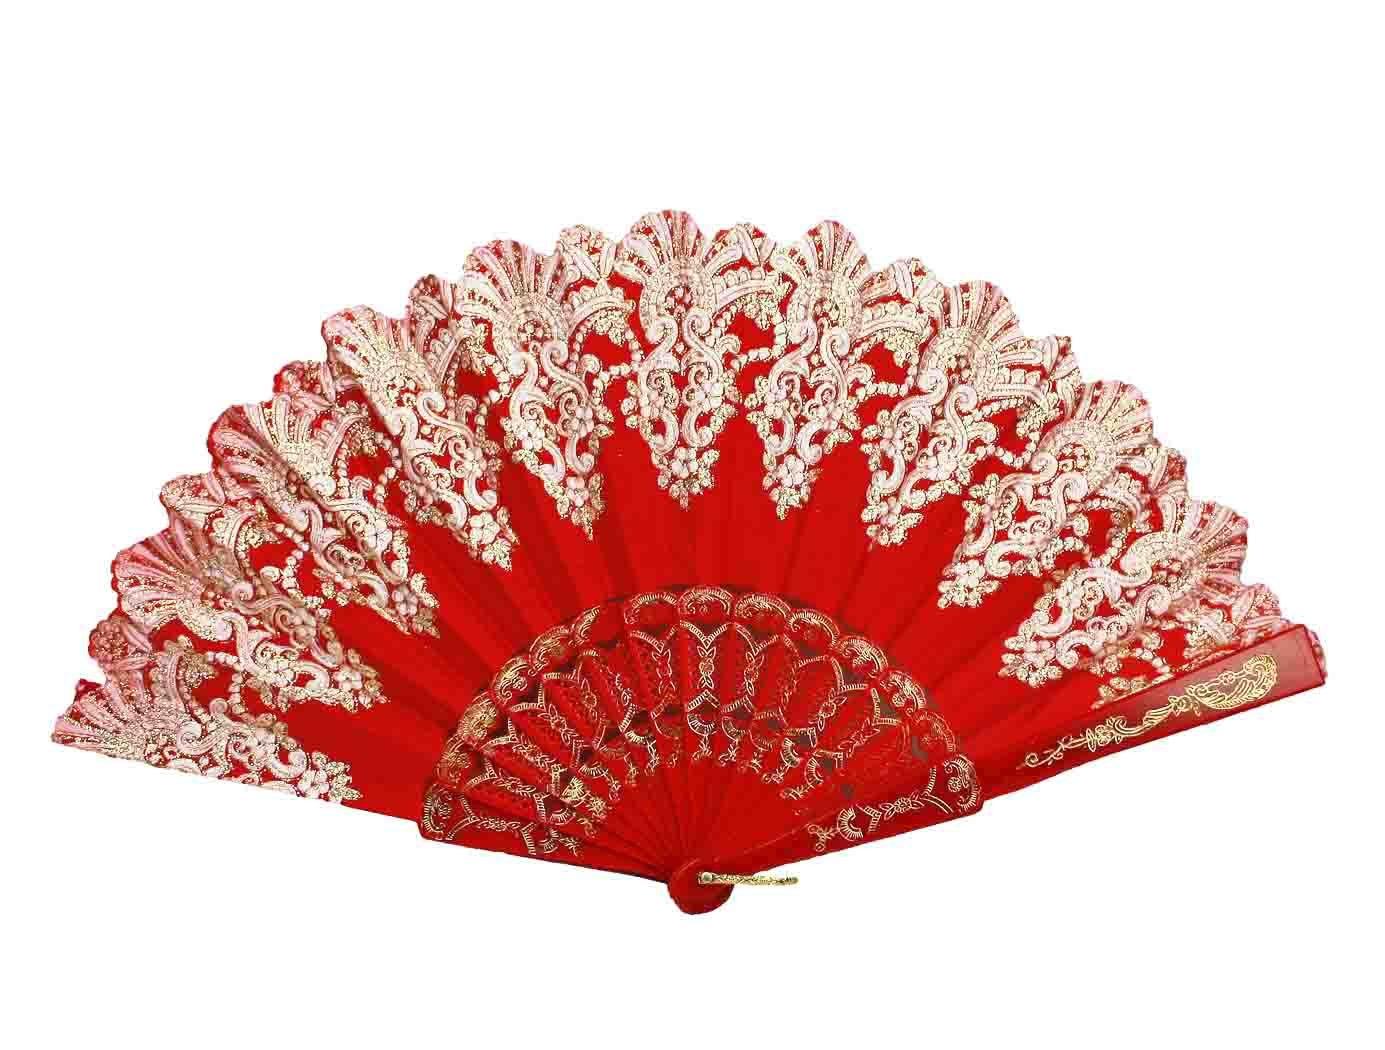 Fasching HAAC Spitzenf/ächer F/ächer Farbe Rot gemustert f/ür Feste Karneval